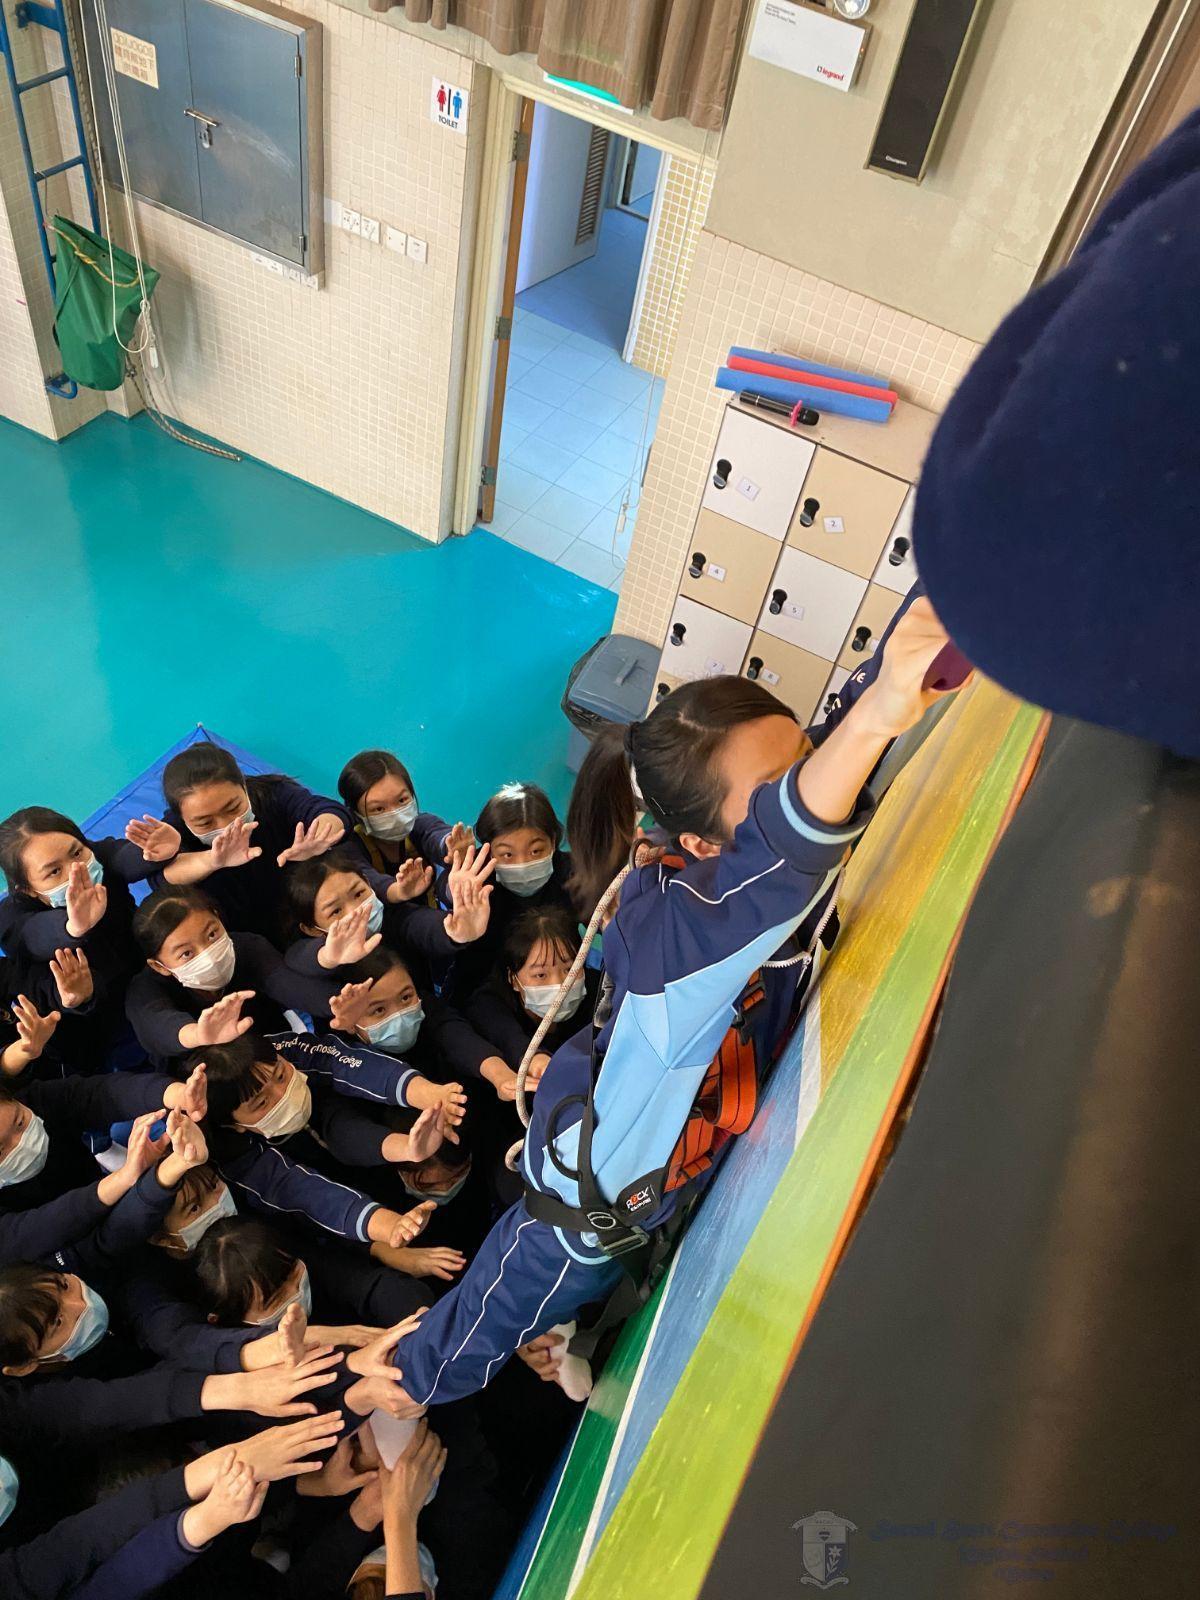 學社幹事於導師的指導下,完成了此項高空歷奇挑戰,她們要合力把同學們運送到離地面三米的高牆上。此活動讓她們領會到團隊合作的重要性。